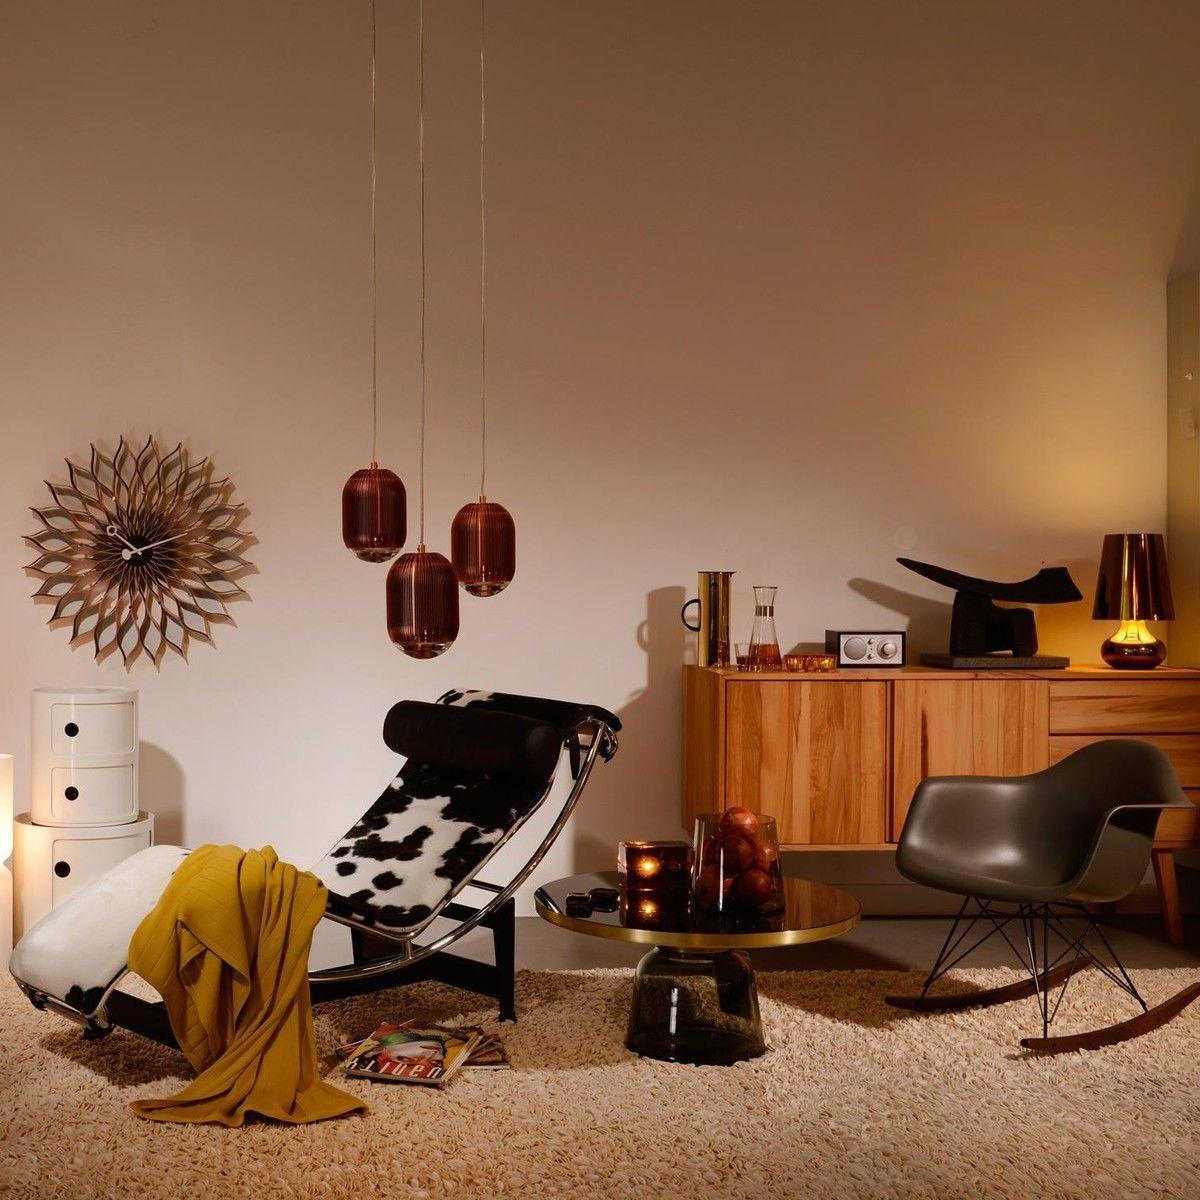 le corbusier lc4 lounger cassina | cassina | ambientedirect.com - Chaise Longue Le Corbusier Vache